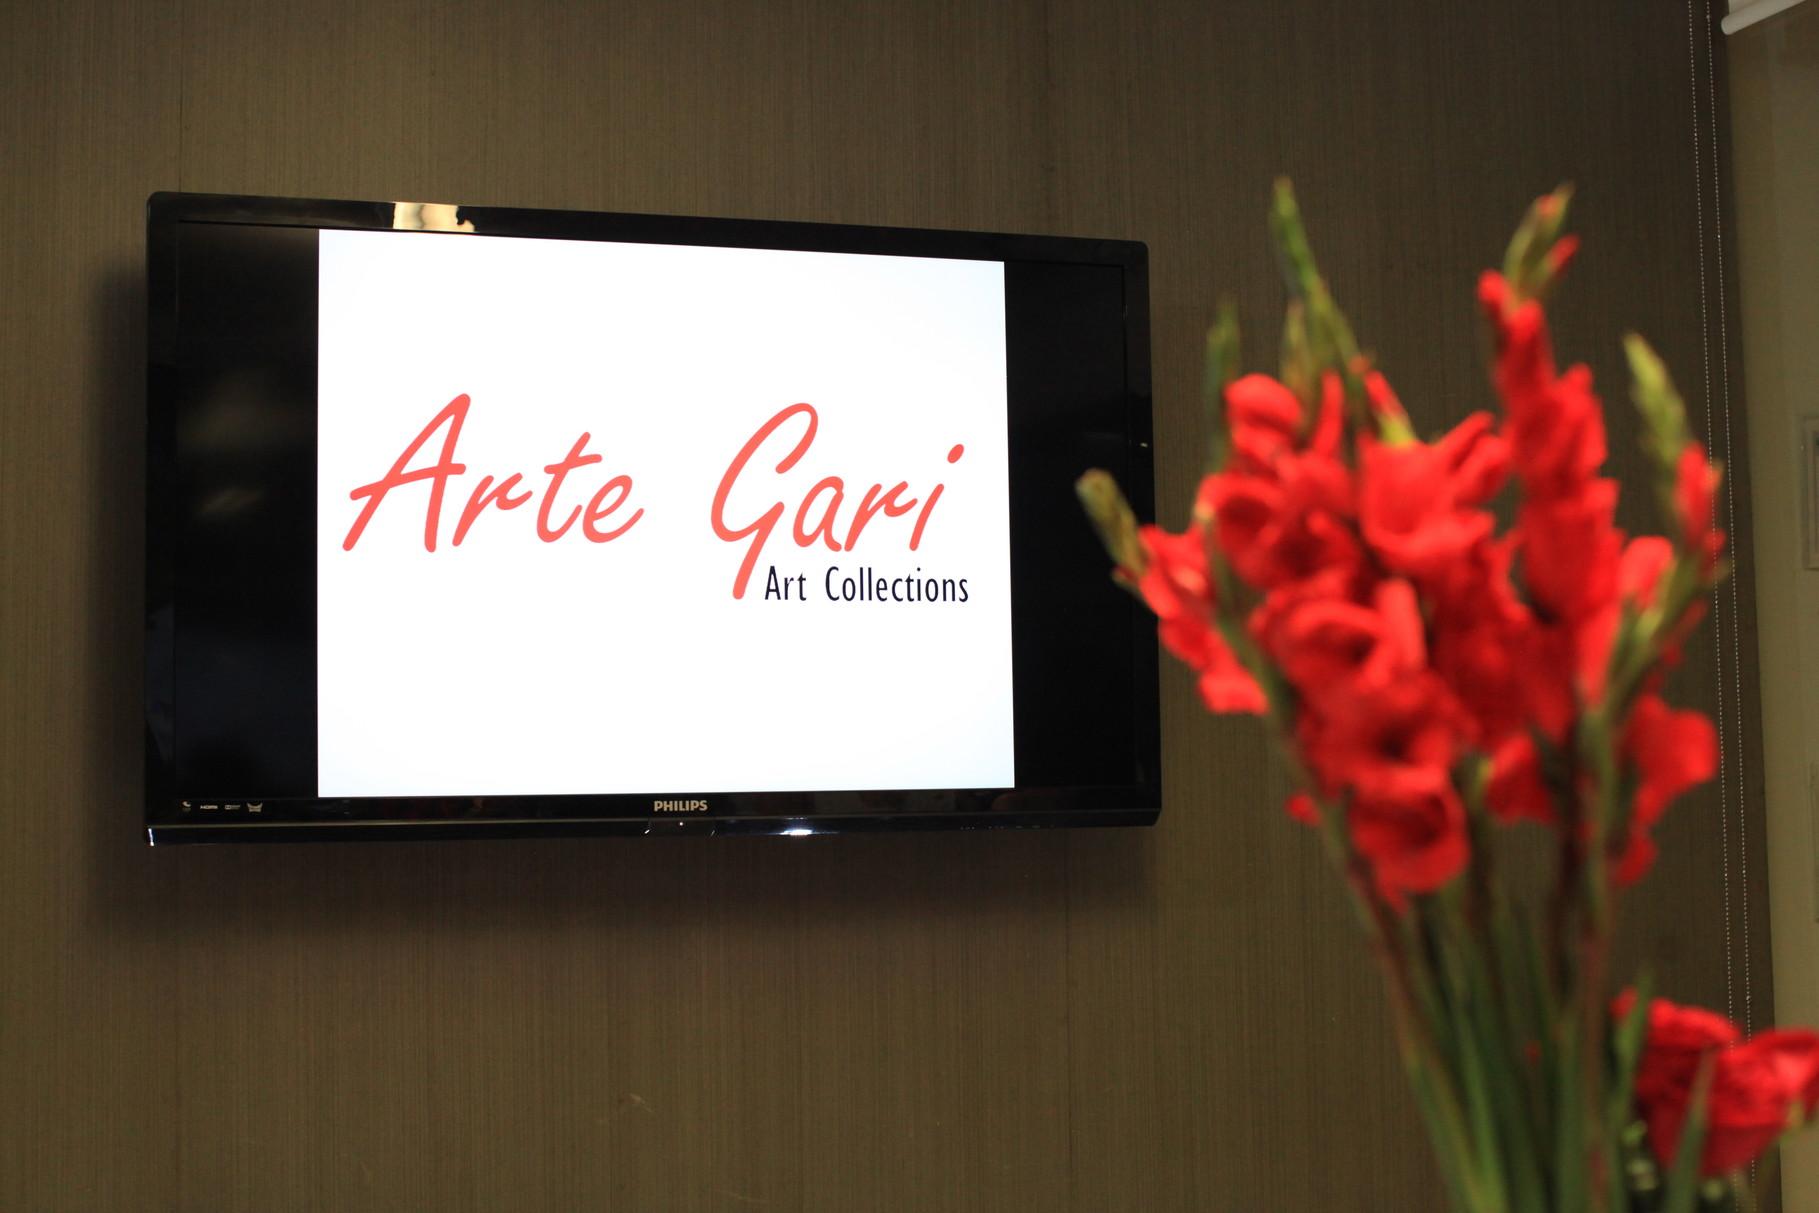 Proyección de logotipo de la Galería en pantalla